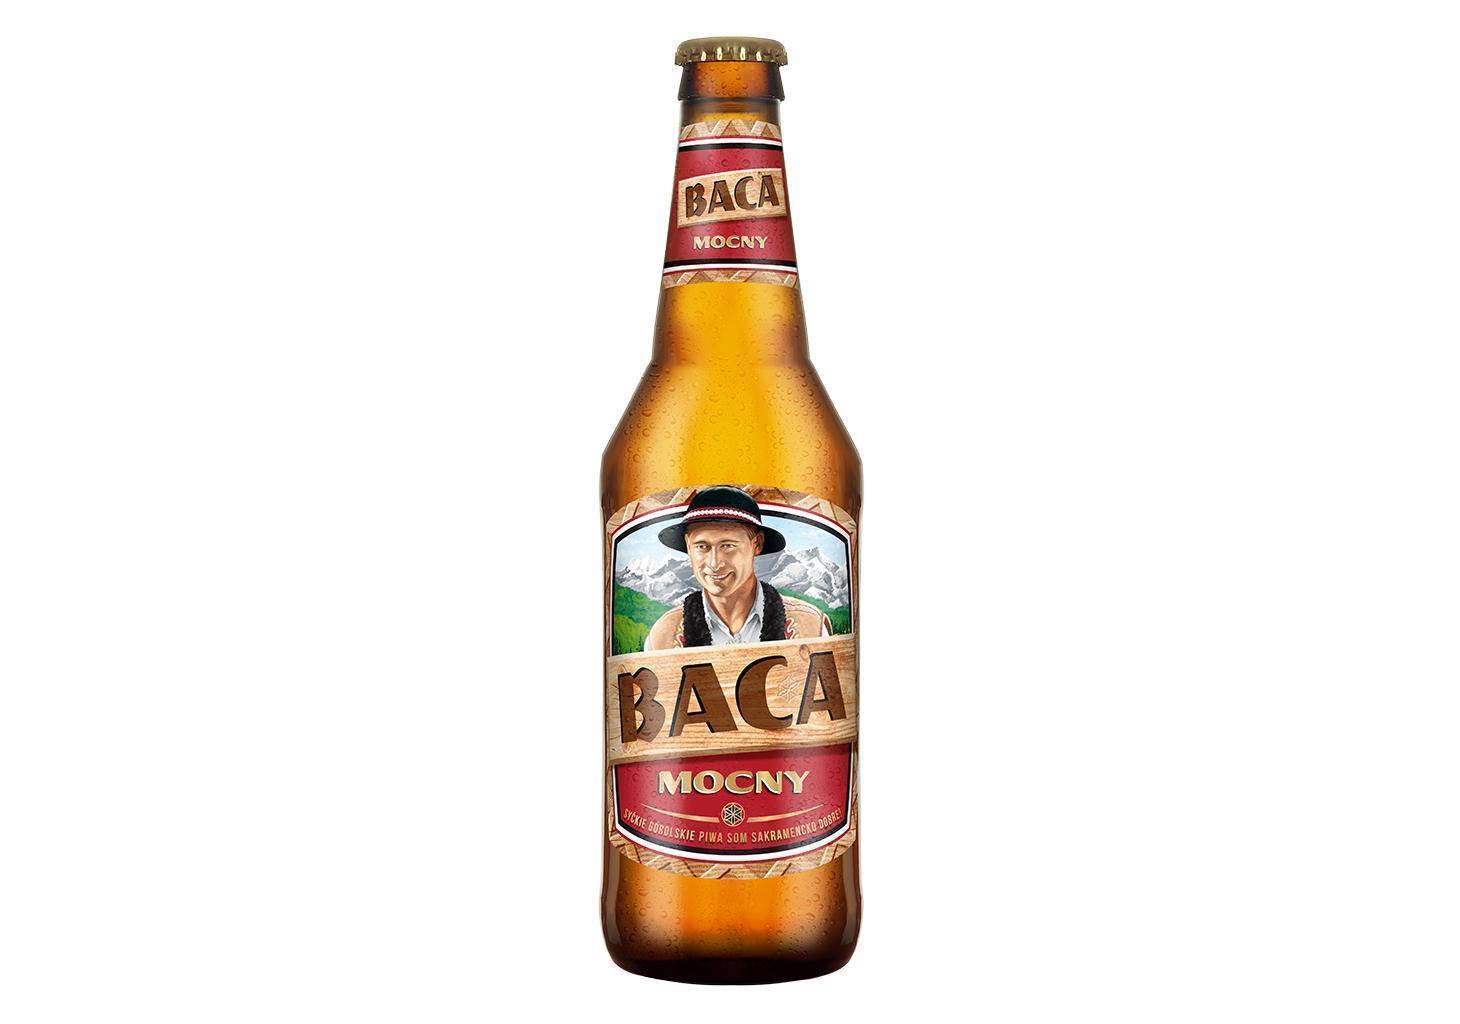 Piwo Baca Mocny - piwo baca